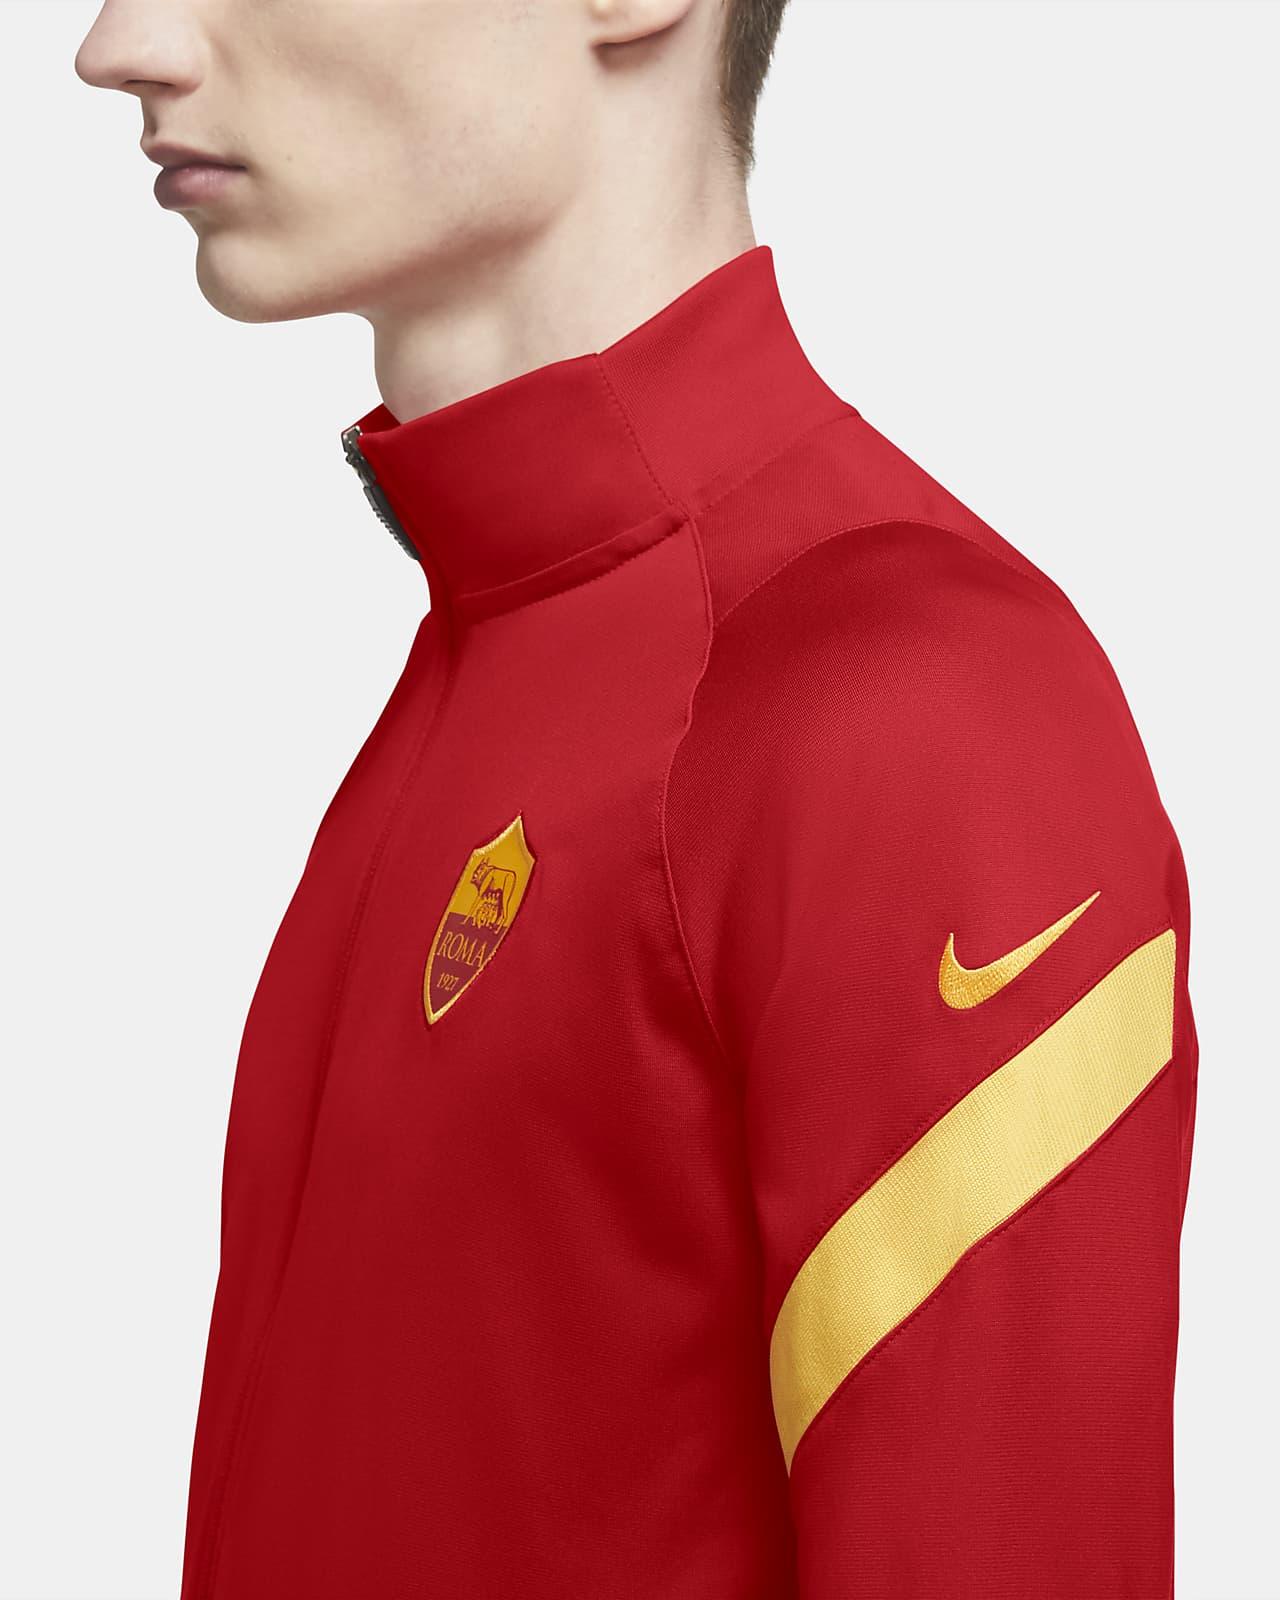 Intarsio Aratro Hassy  Tuta da calcio in maglia A.S. Roma Strike - Uomo. Nike IT